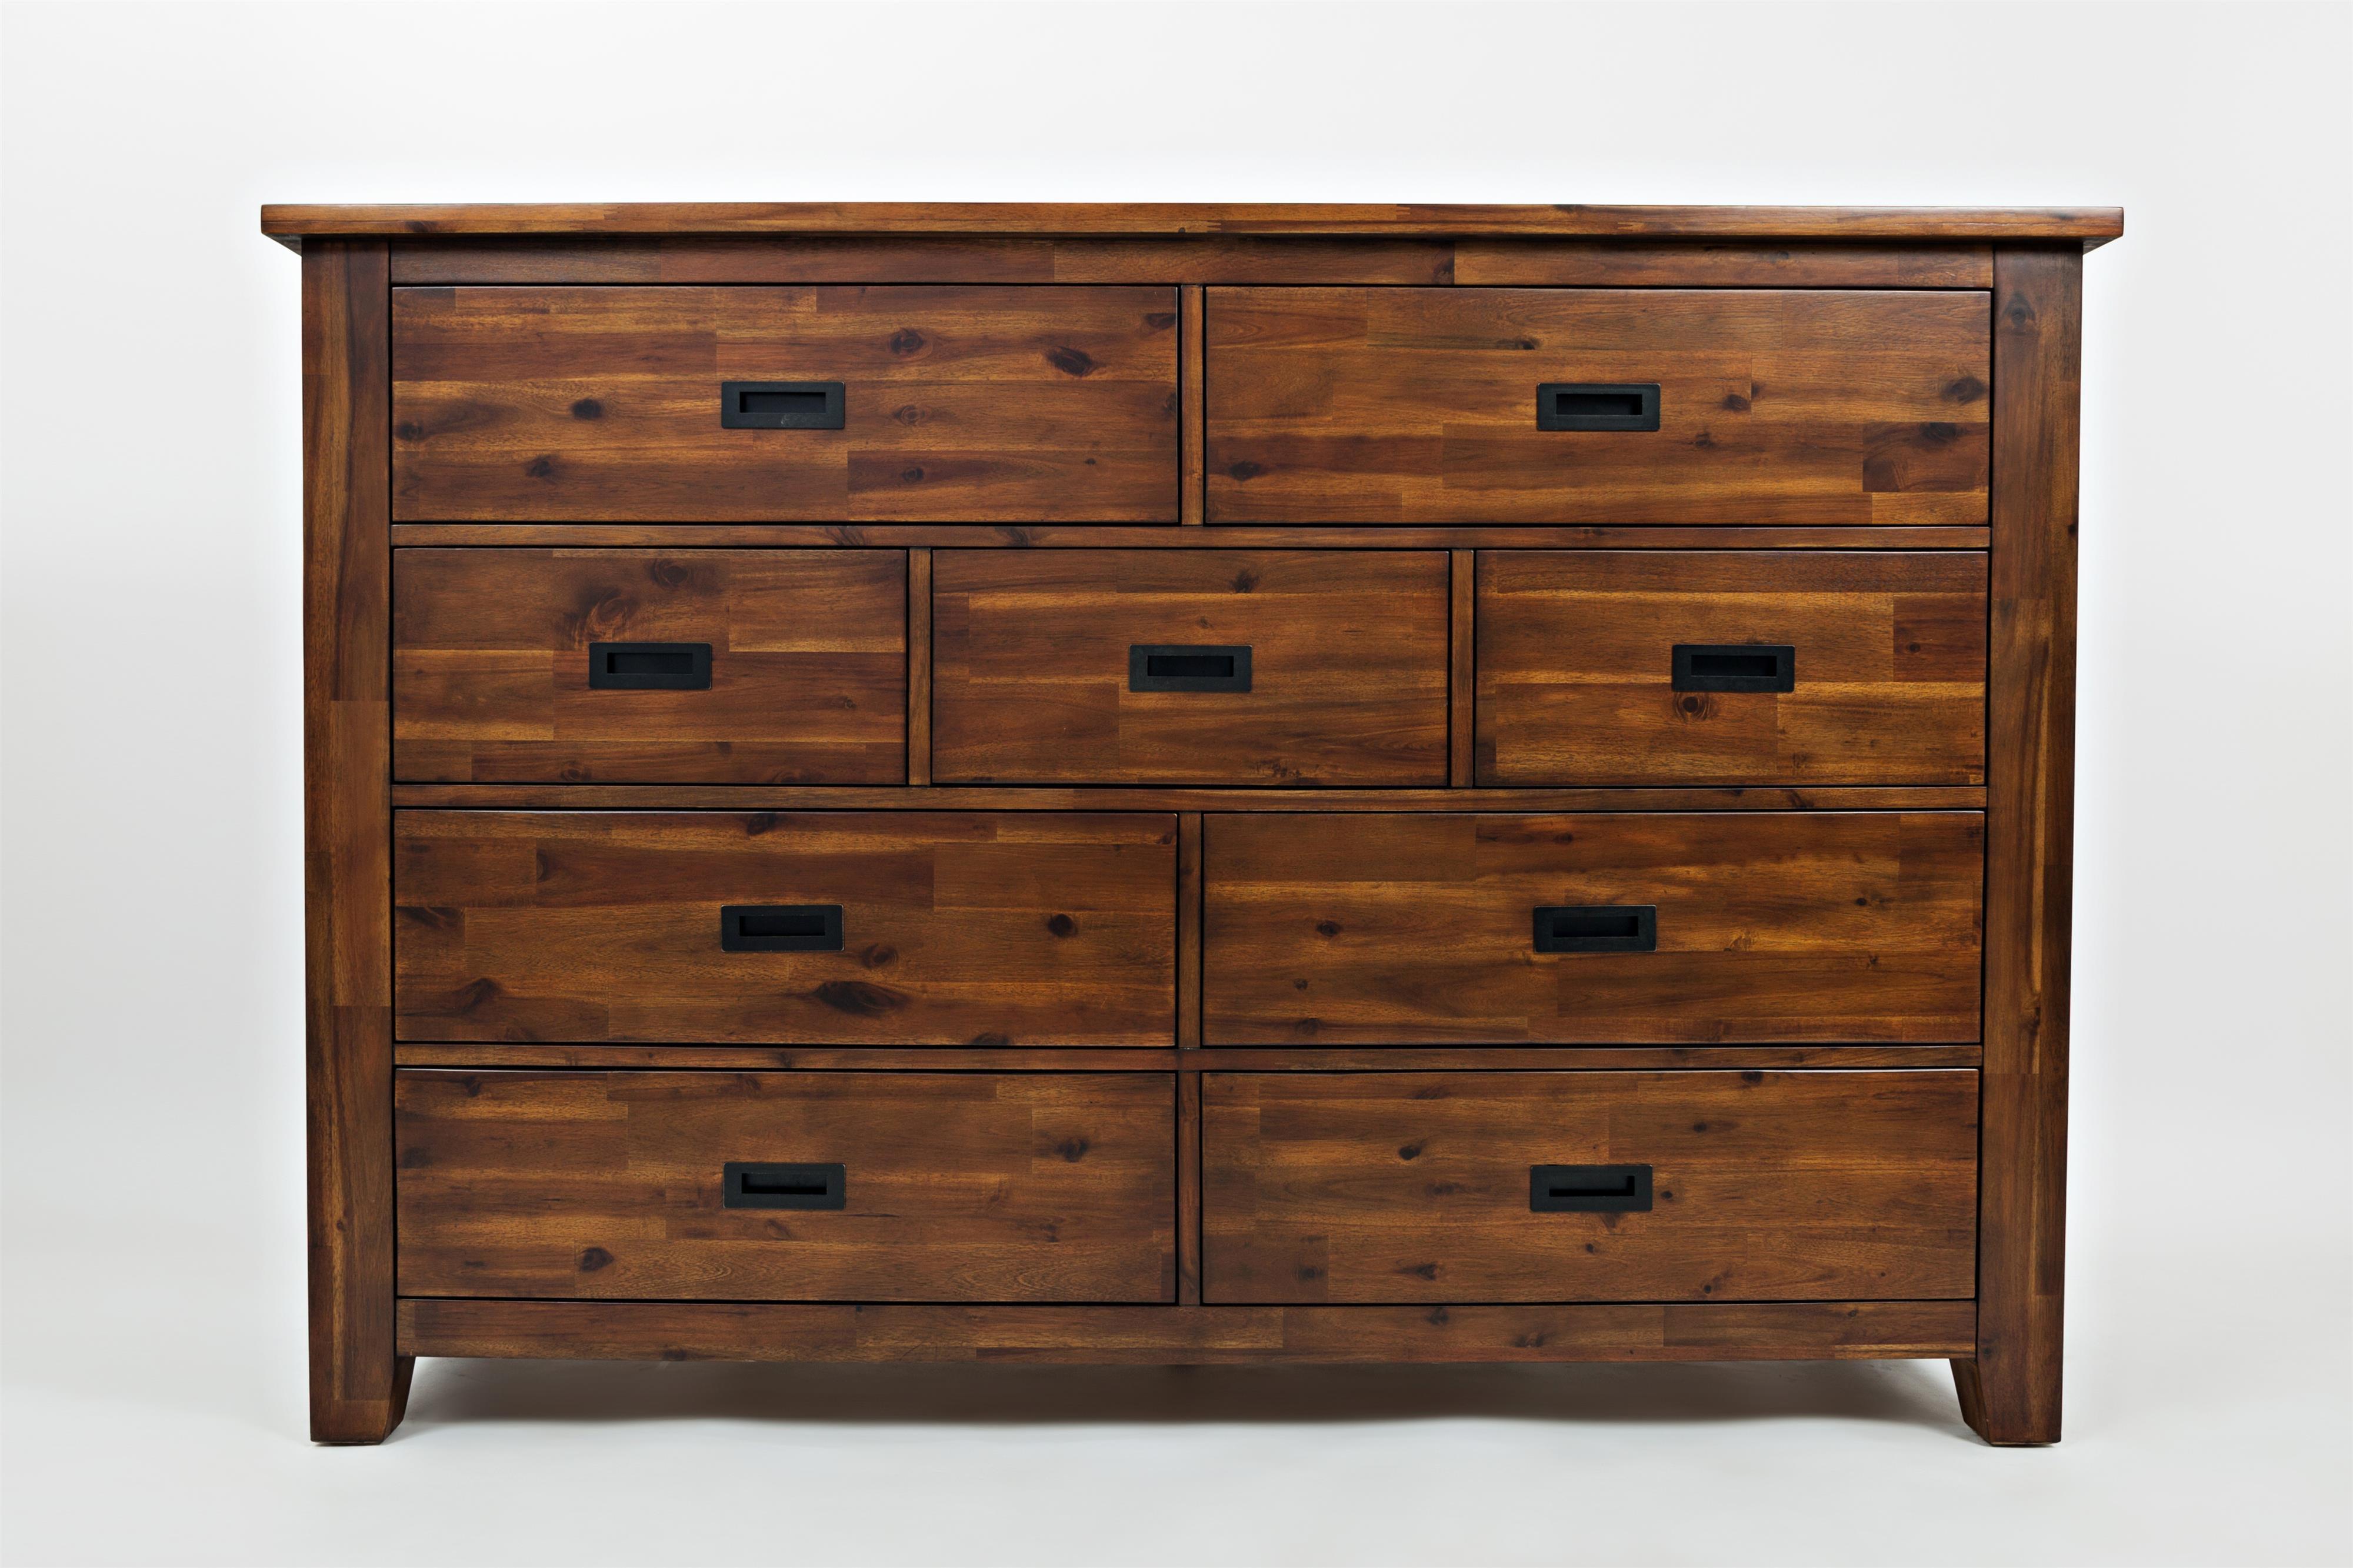 Jofran 1503-10 Coolidge Corner 9 Drawer Dresser by Jofran